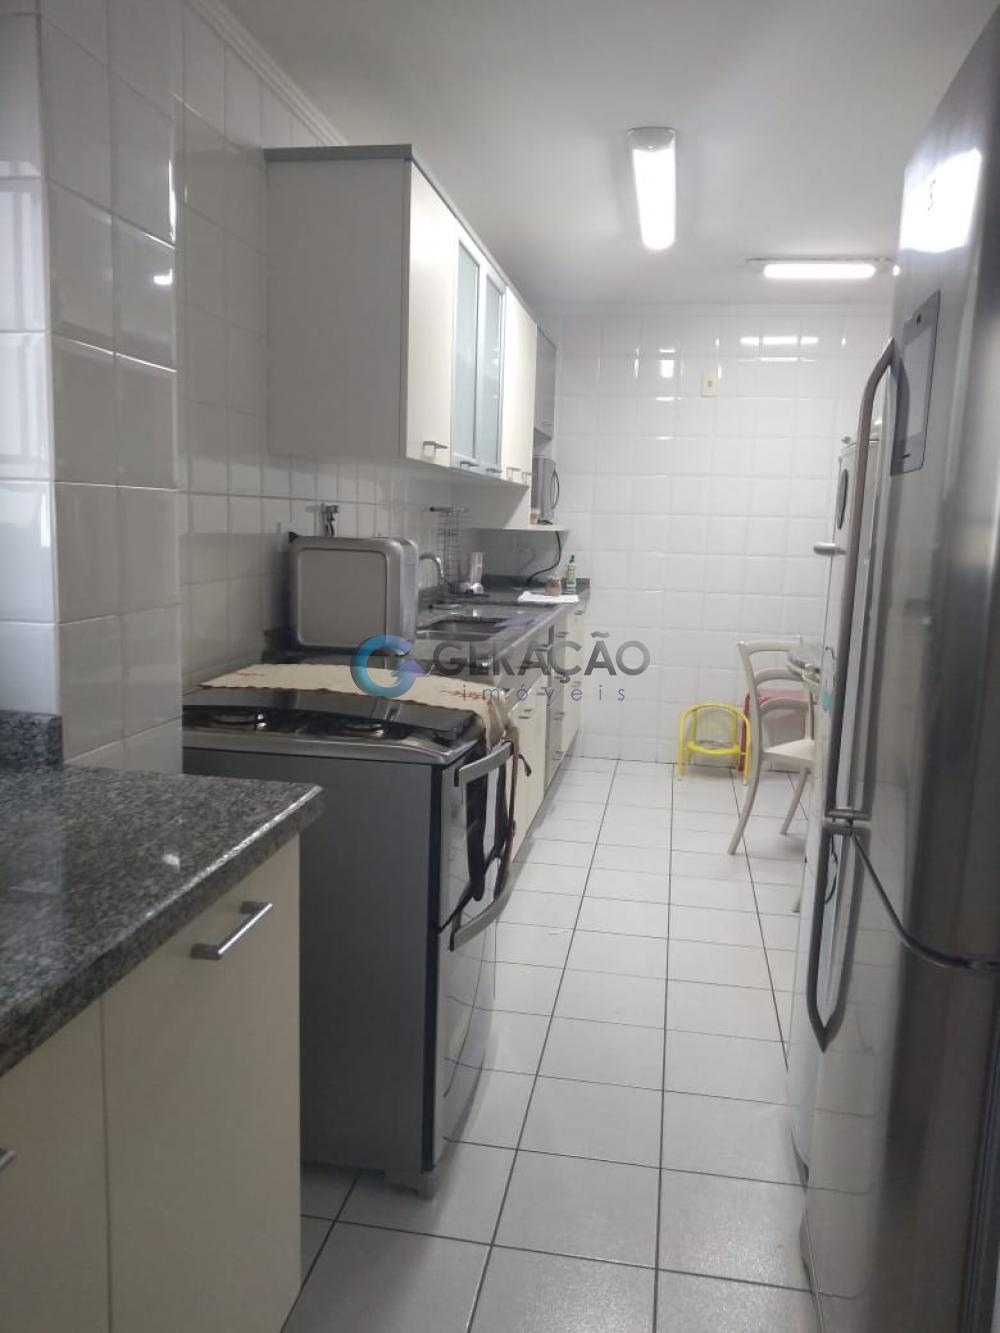 Comprar Apartamento / Padrão em São José dos Campos R$ 1.300.000,00 - Foto 22